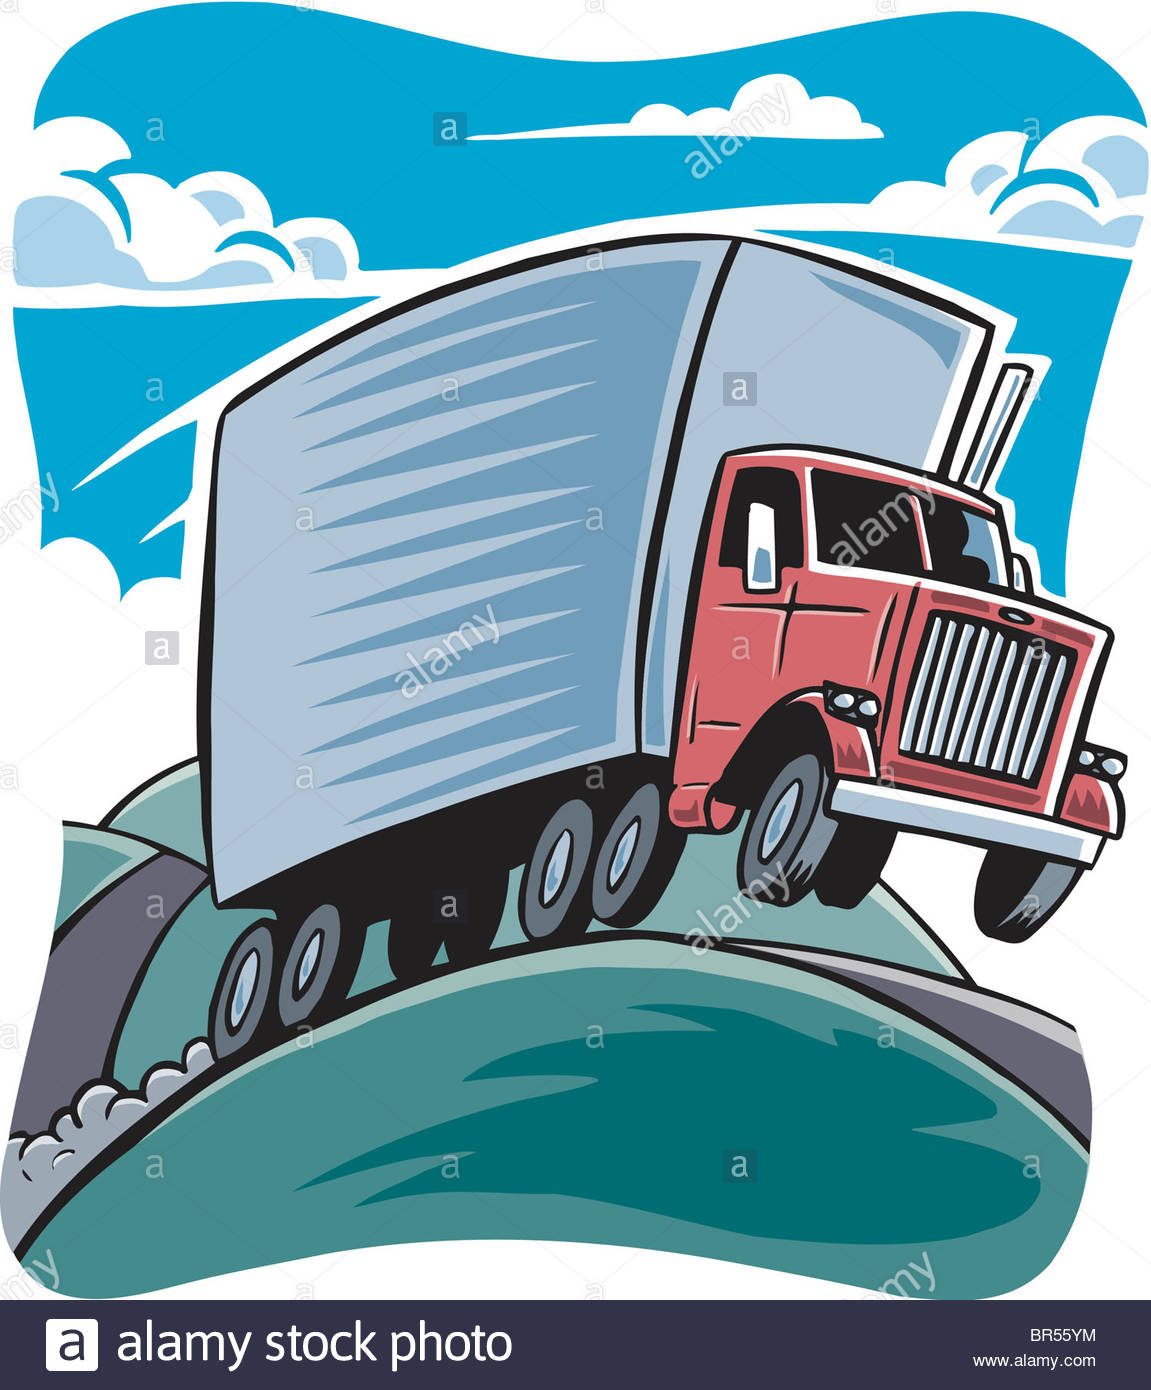 Dessin D'un Camion Sur Une Route Vallonnée Banque D'images encequiconcerne Dessin D Un Camion